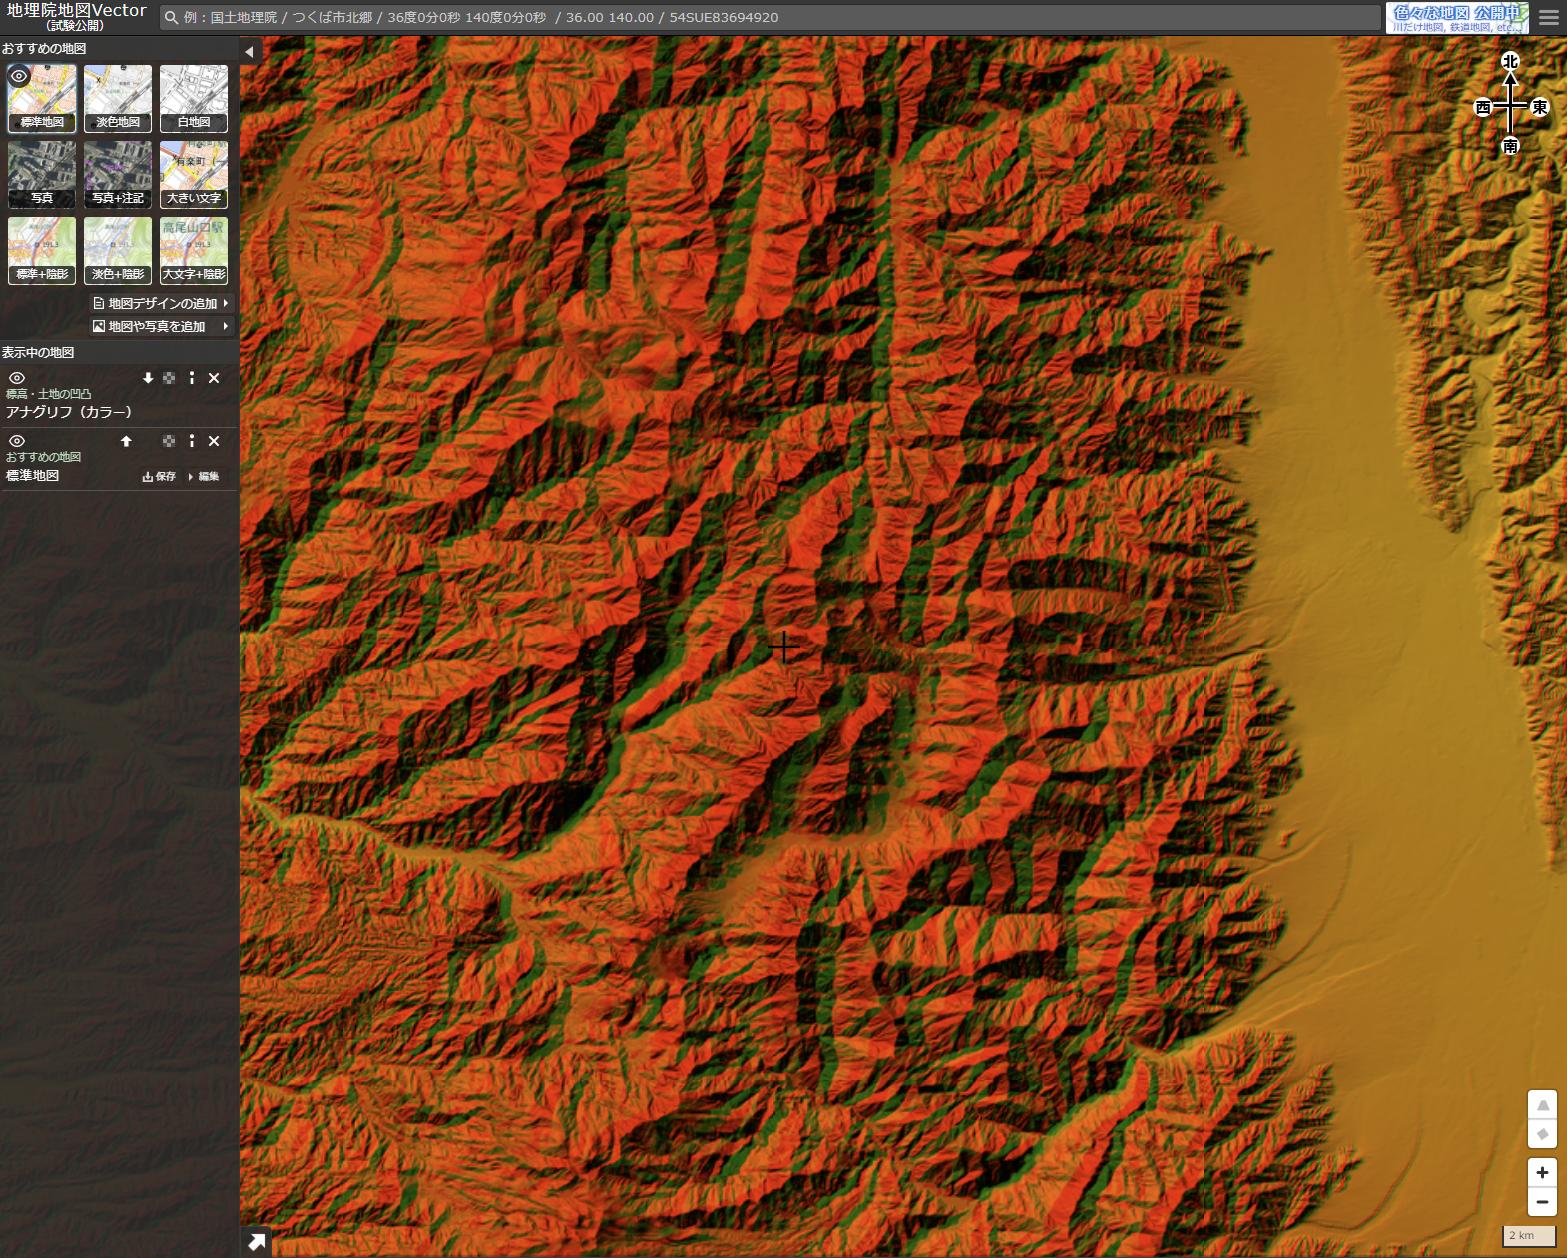 アナグリフ(カラー)夏休みの自由研究におすすめな国土地理院「地理院地図Vector」のアナグリフ(カラー)画面